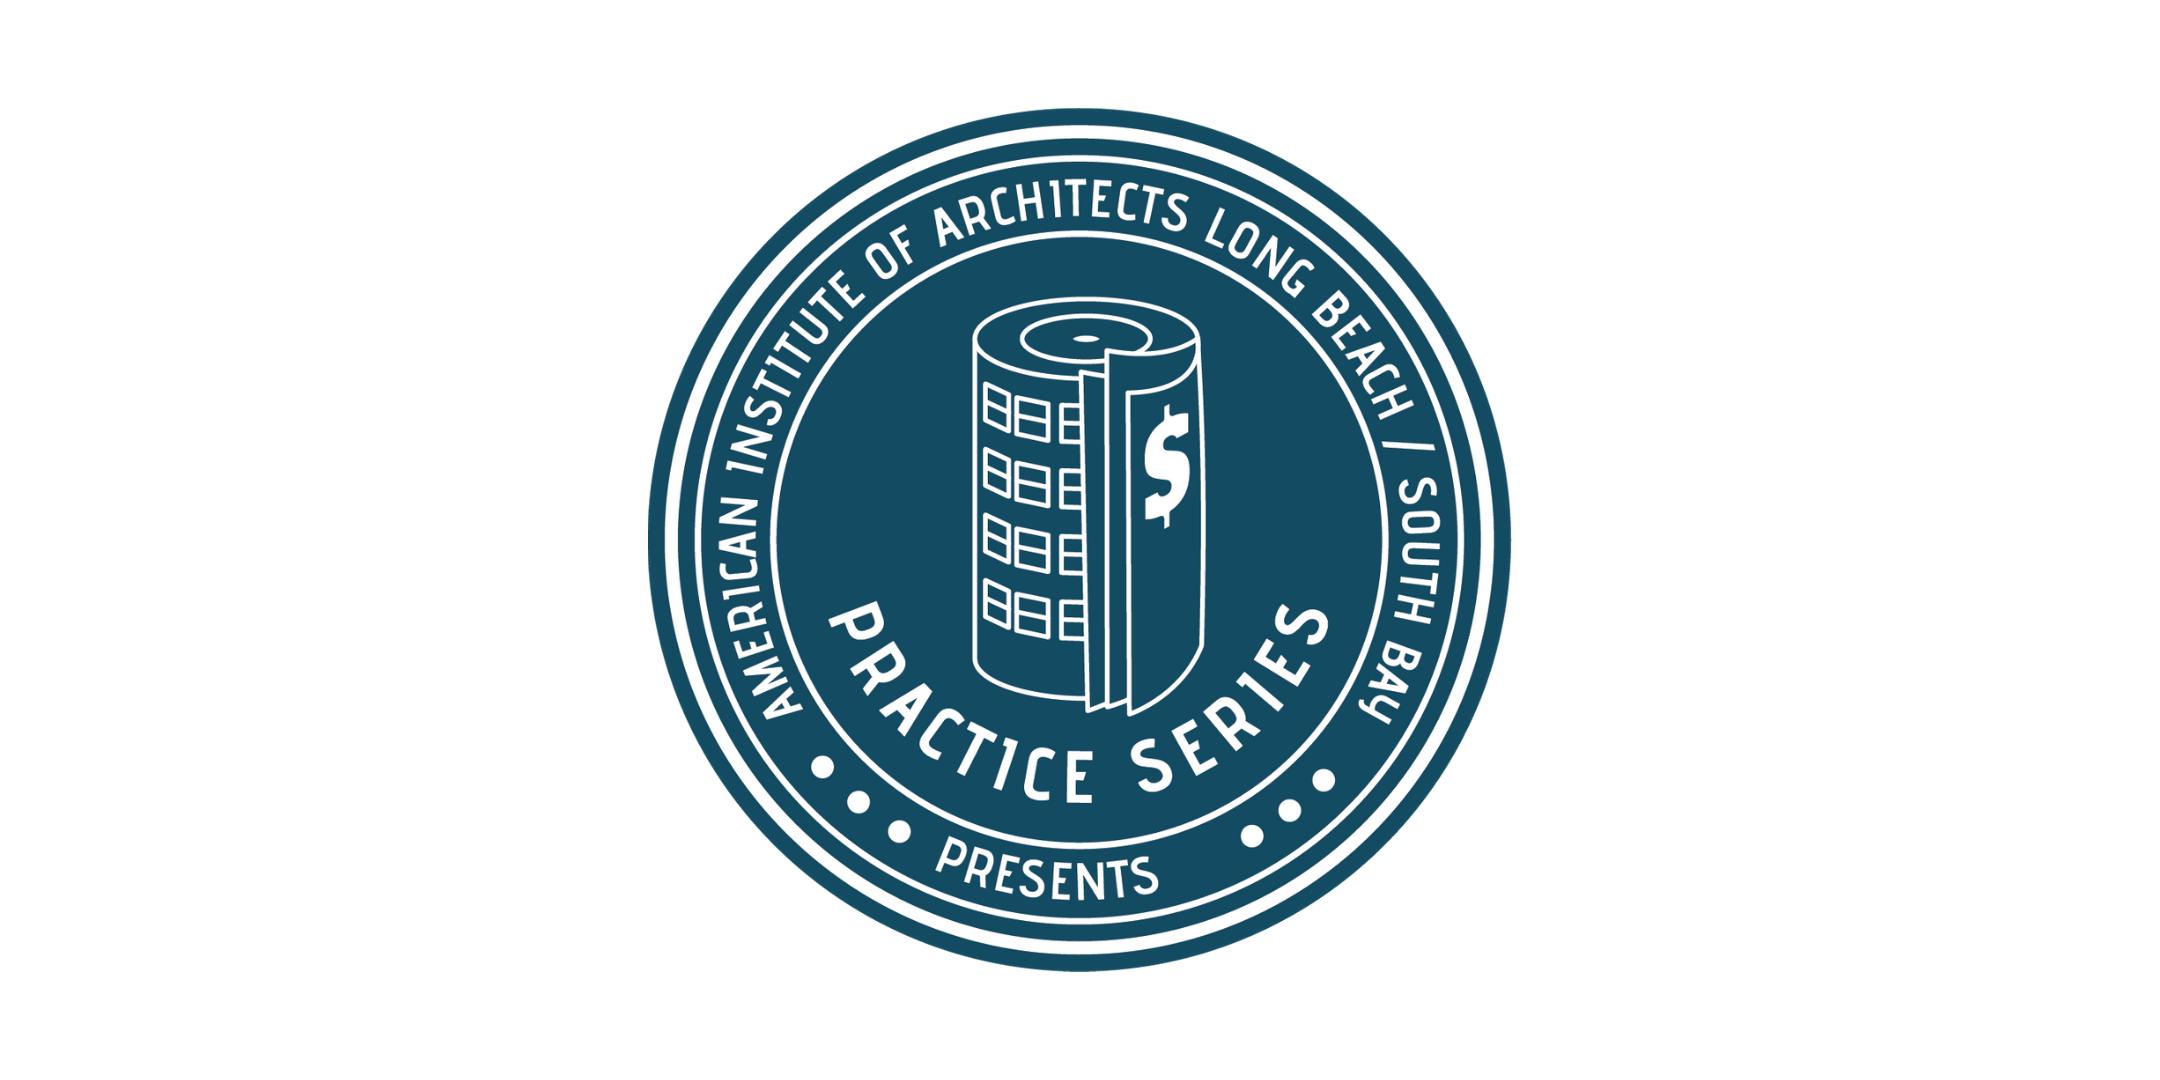 Practice Series logo